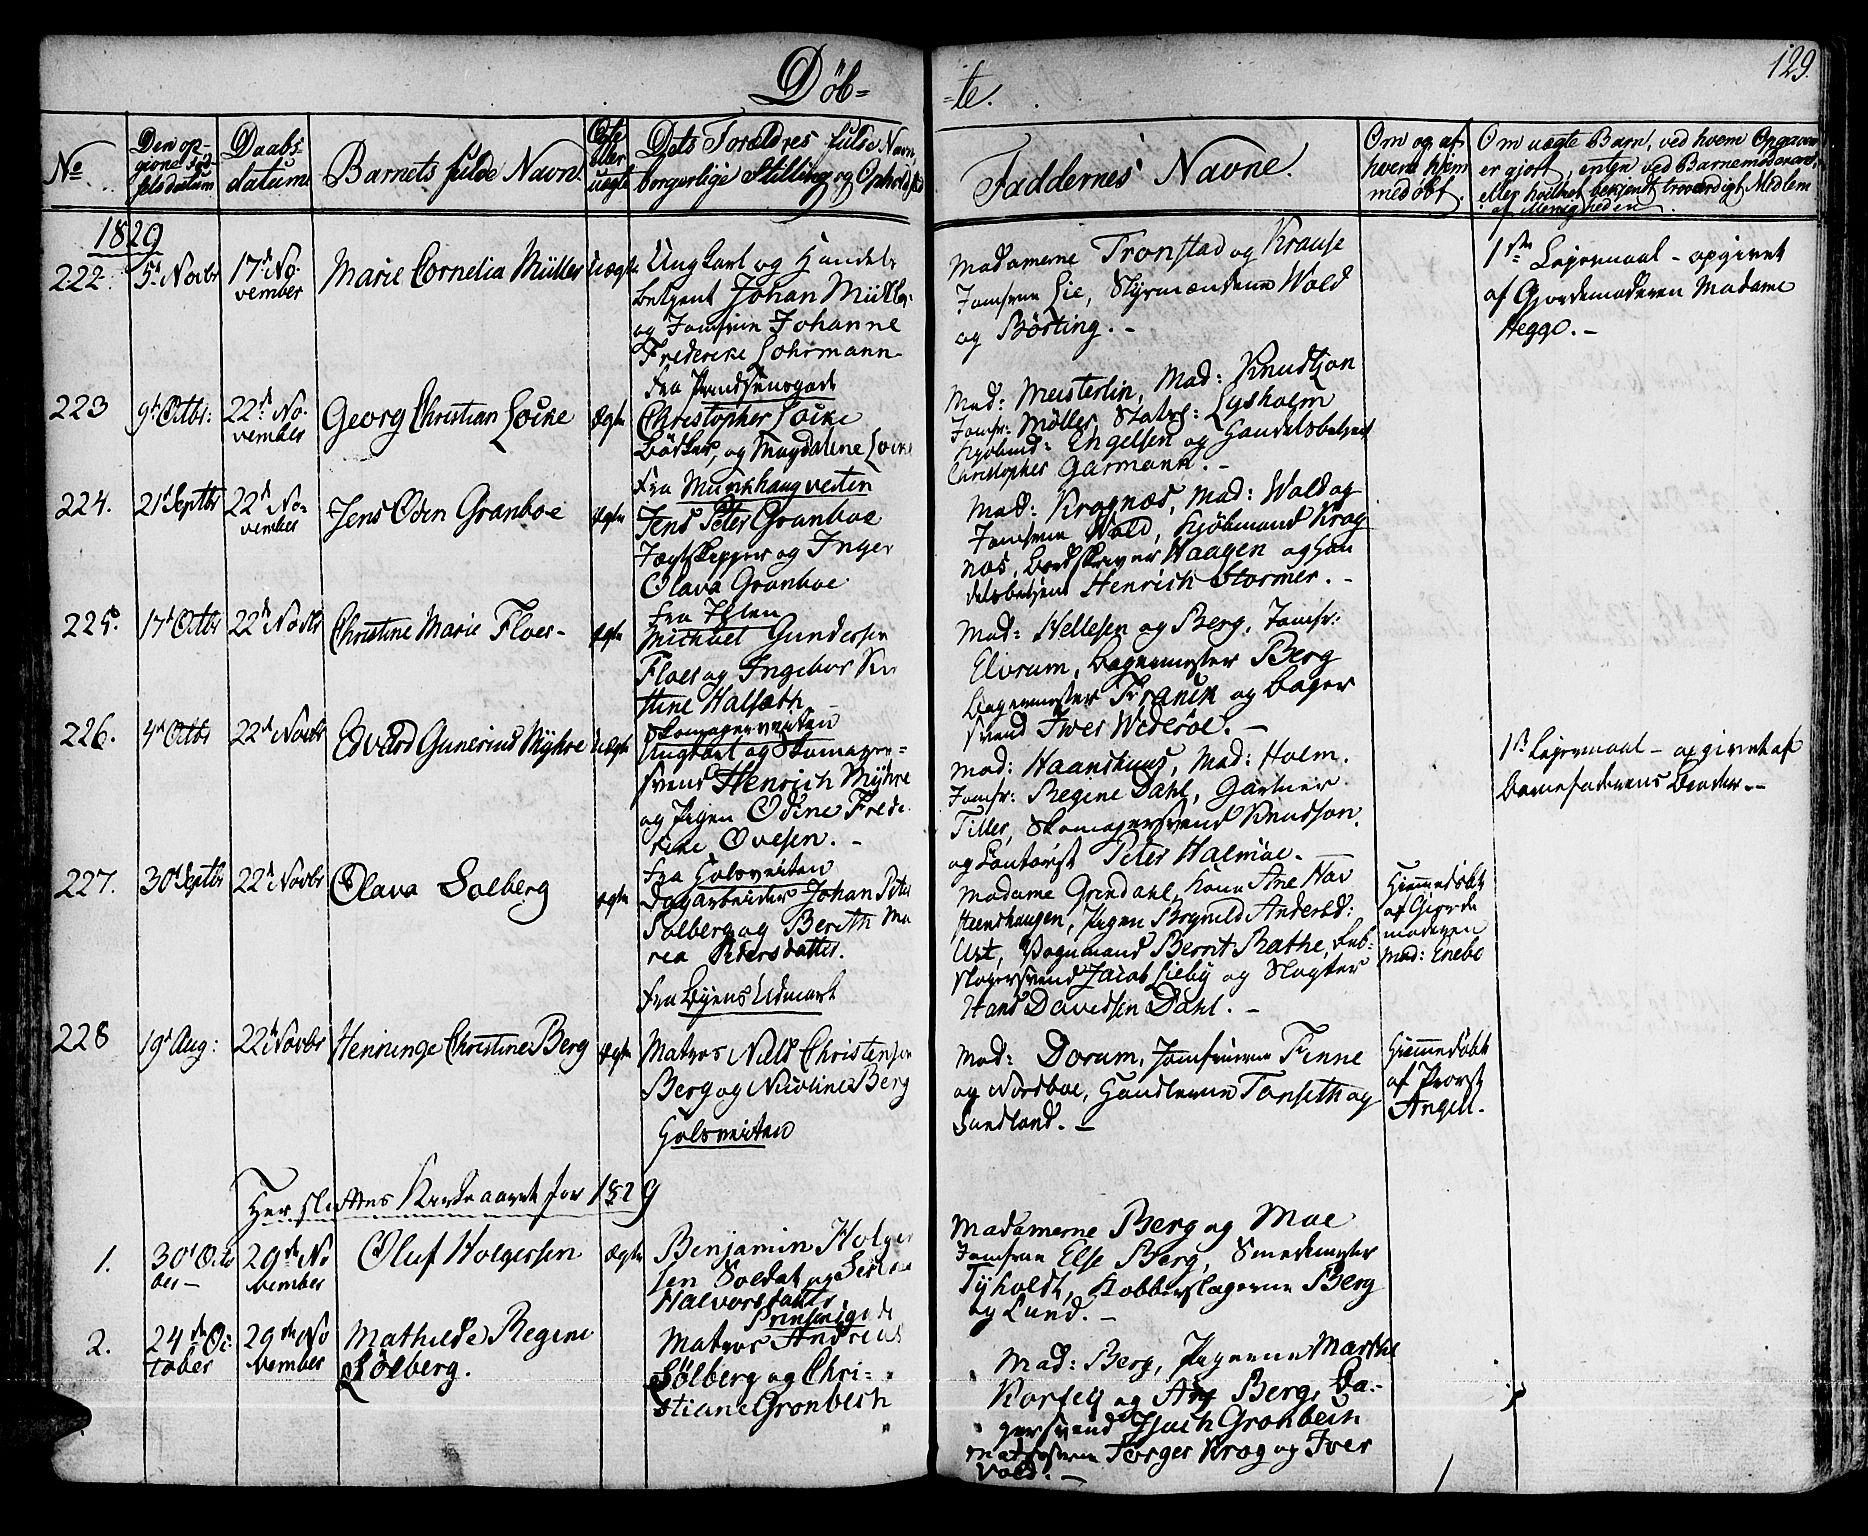 SAT, Ministerialprotokoller, klokkerbøker og fødselsregistre - Sør-Trøndelag, 601/L0045: Ministerialbok nr. 601A13, 1821-1831, s. 129